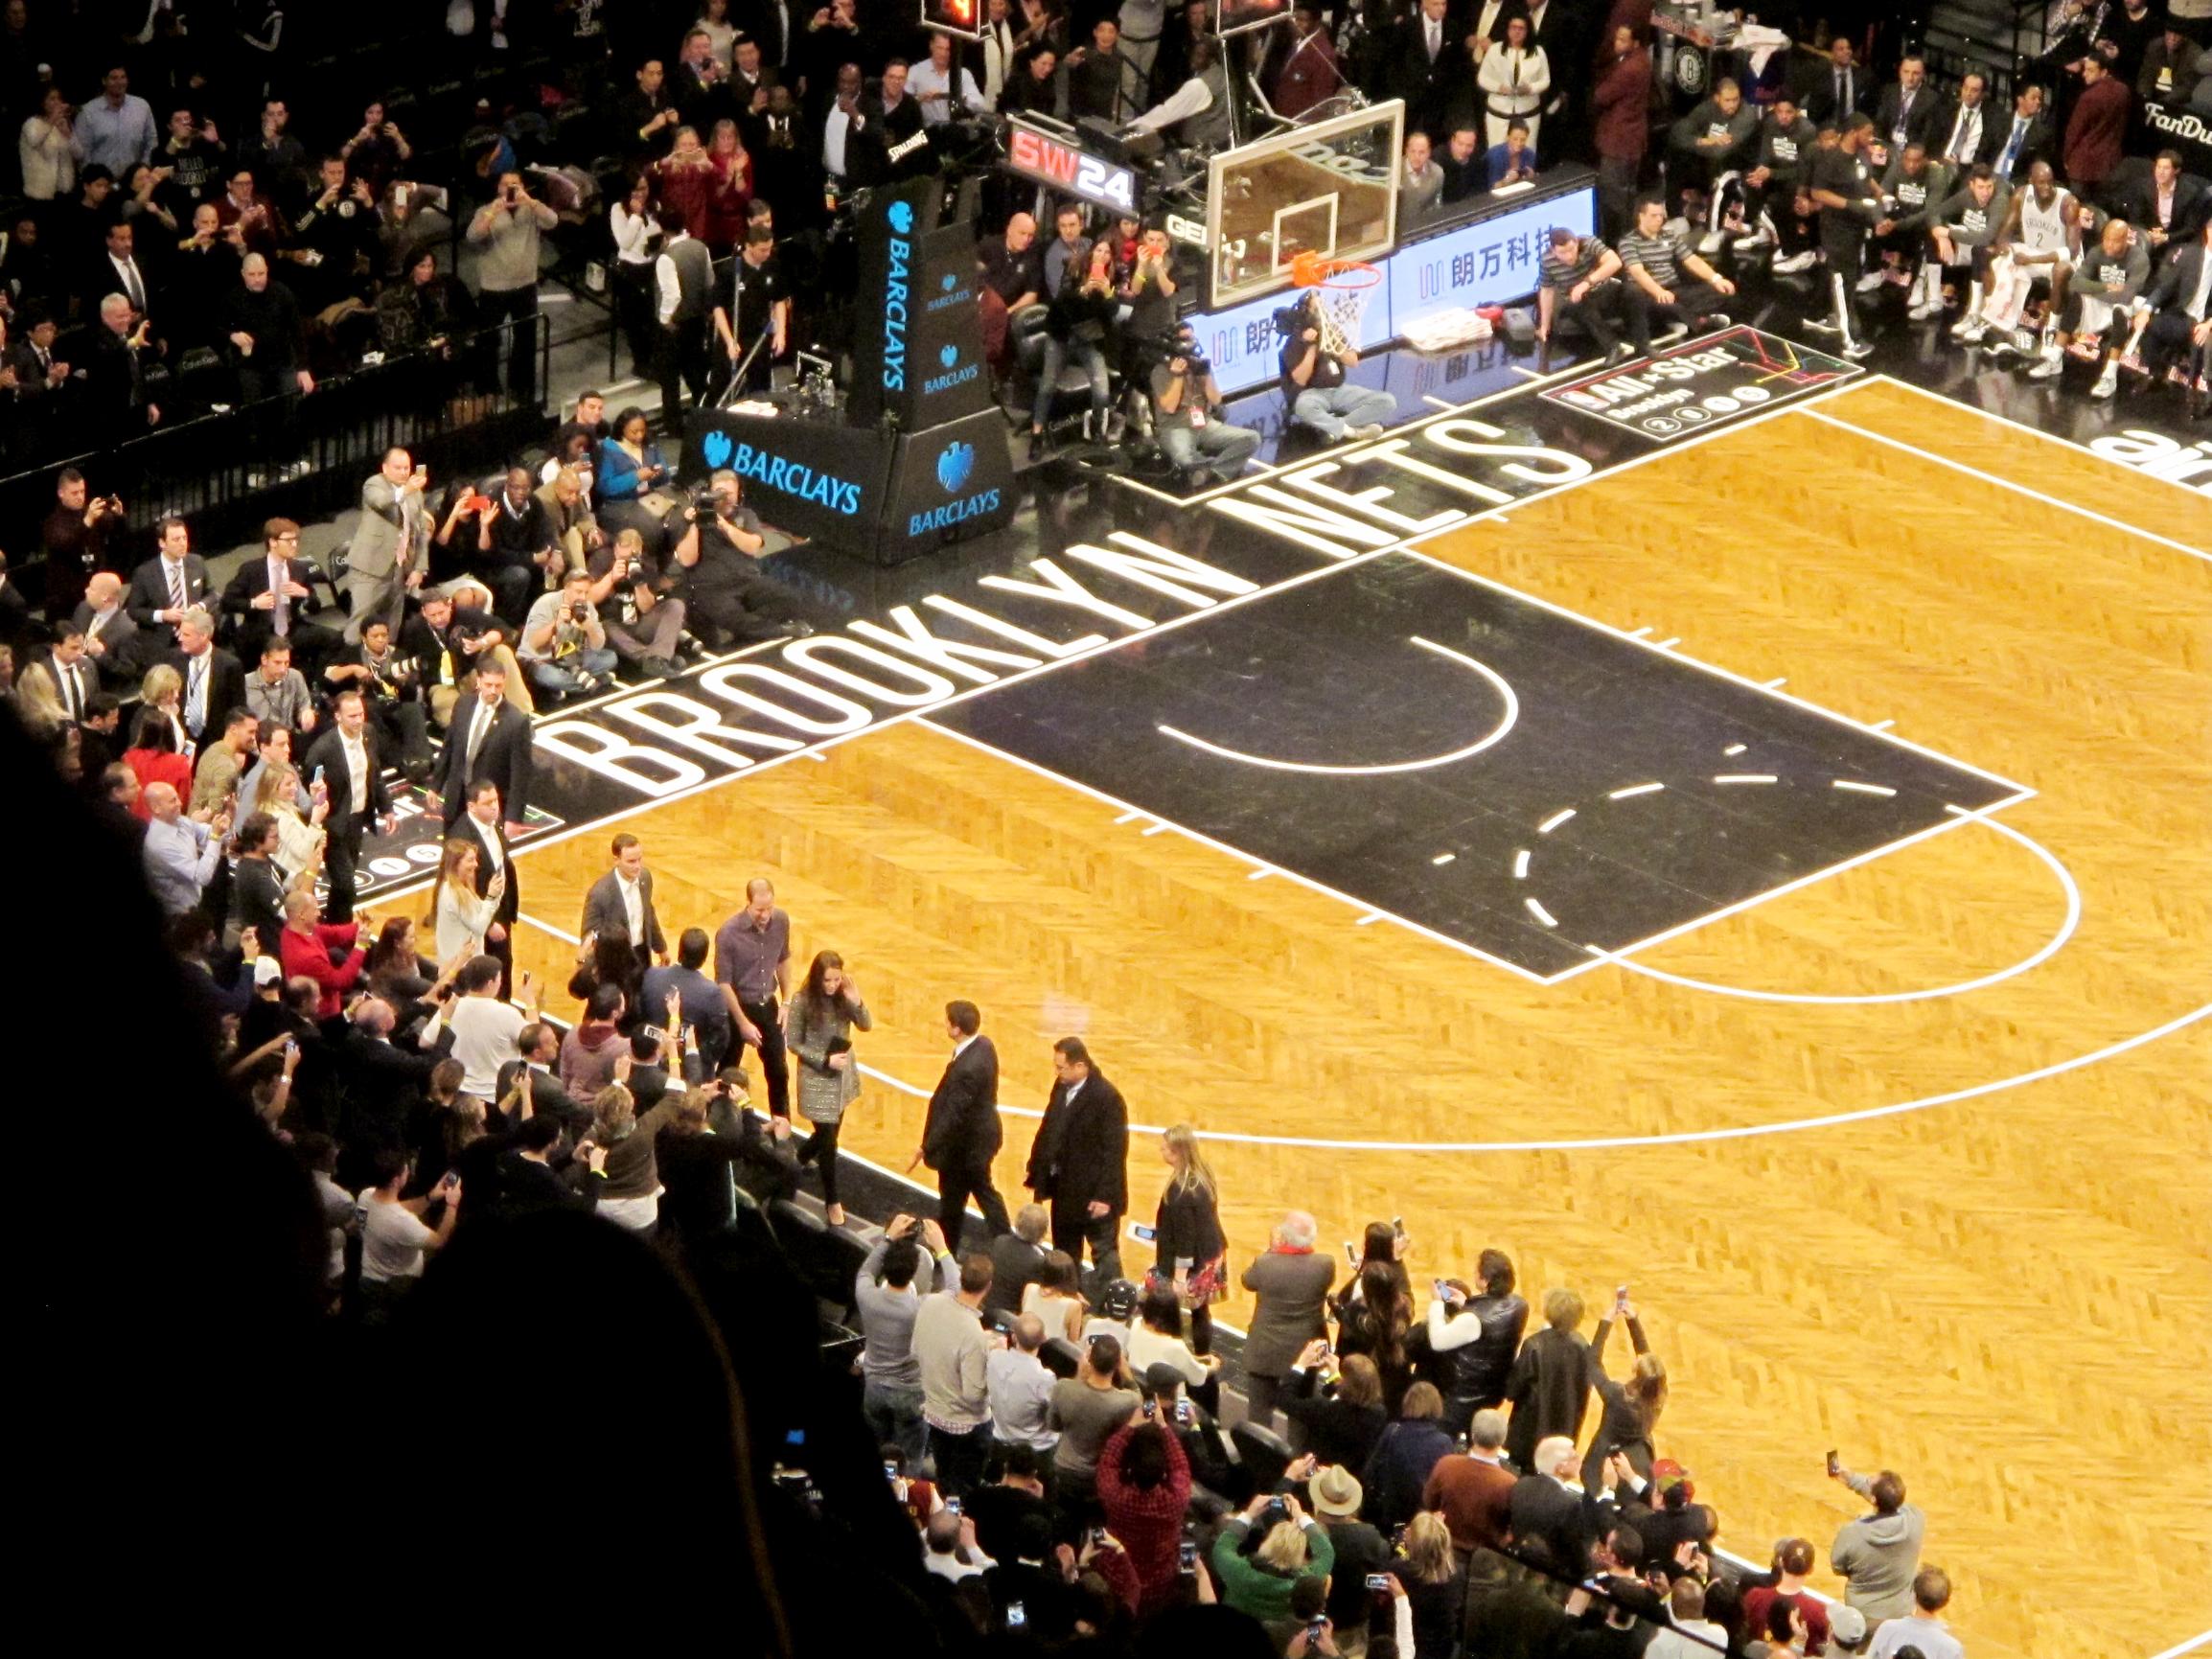 jogo-basquete-assistir-ny-new-york-nova-iorque-barclays-center-brooklyn-dicas-viagem-nets-william-kate-middleton